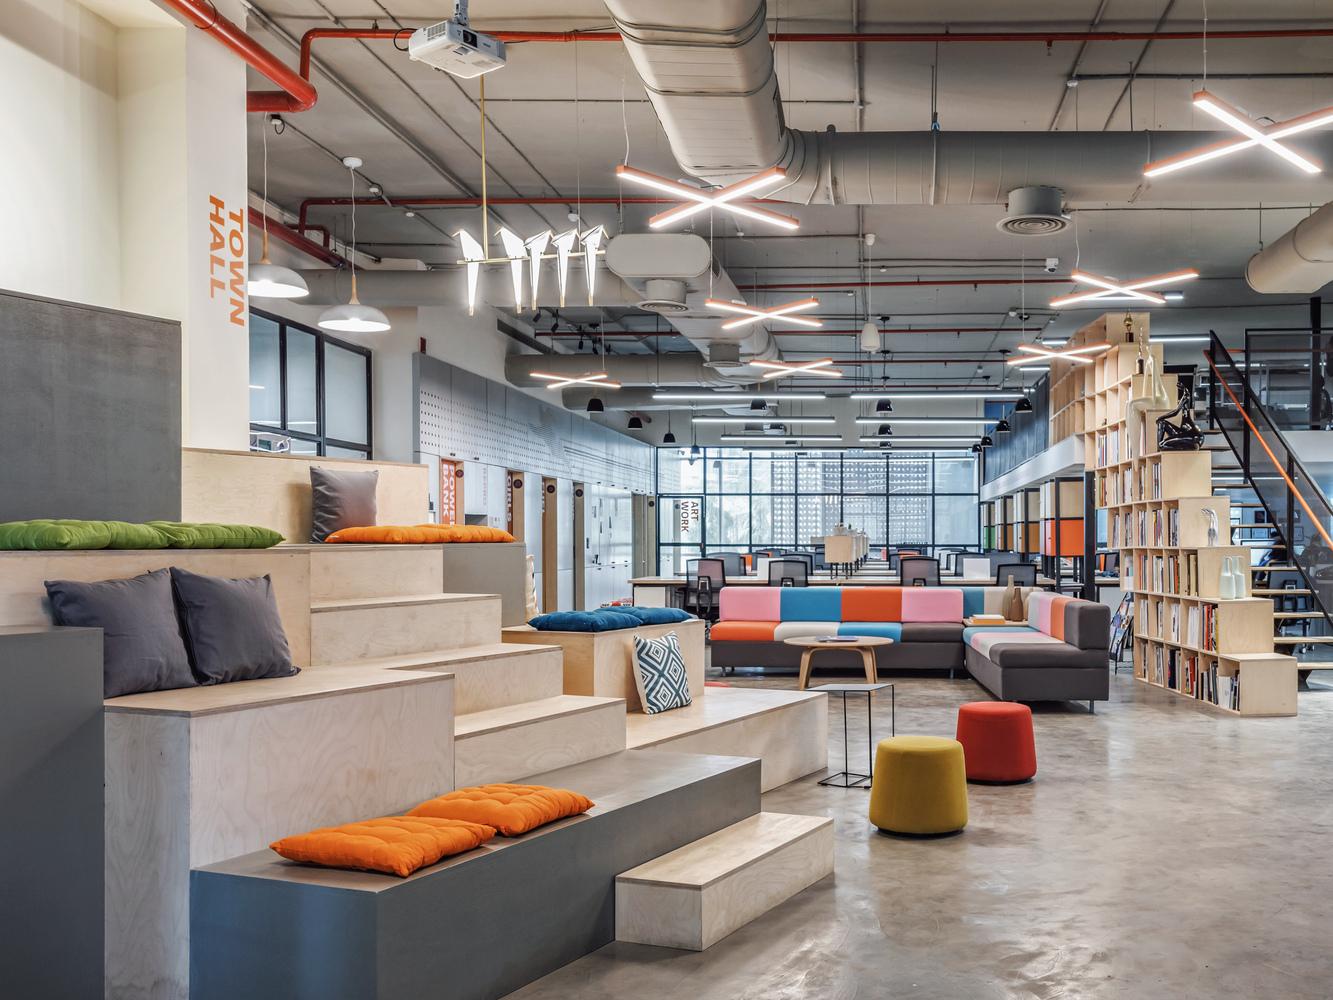 AICL Mumbai Workplace Interiors / SAV Architecture + Design